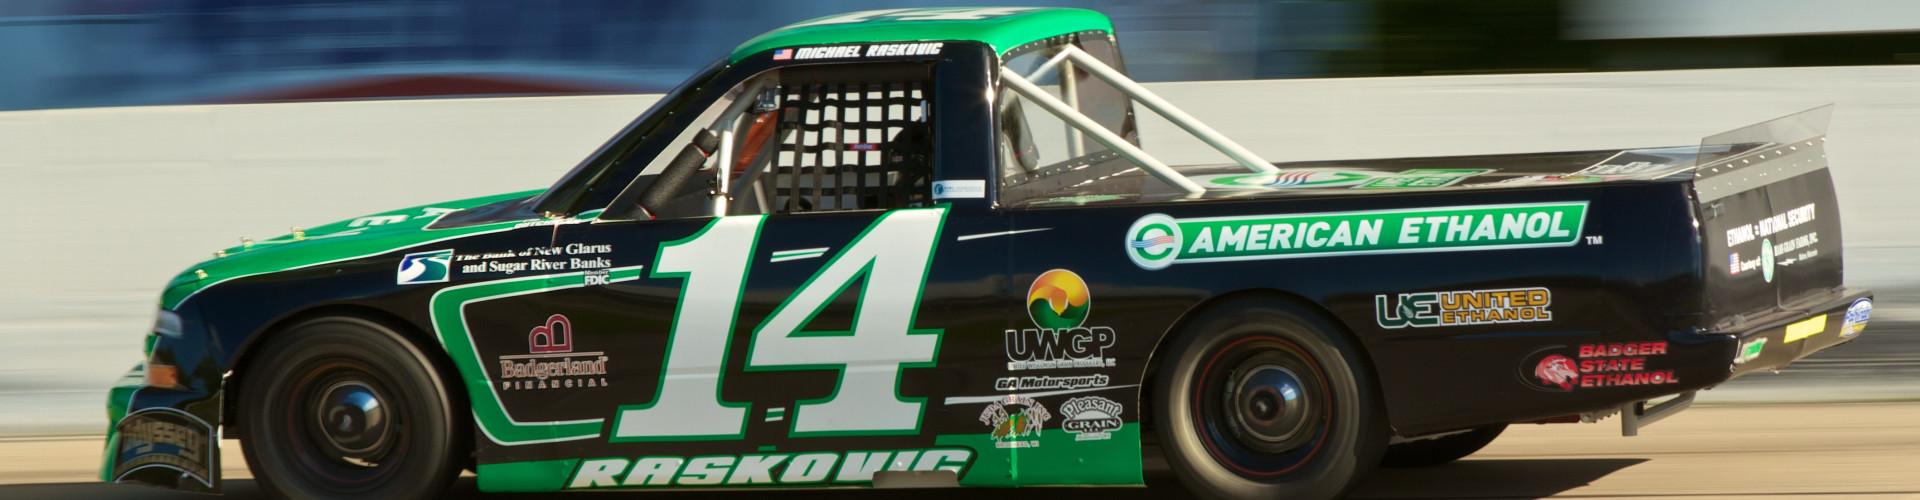 American Ethanol Super Truck Race Series Schedule - Wisconsin Corn ...